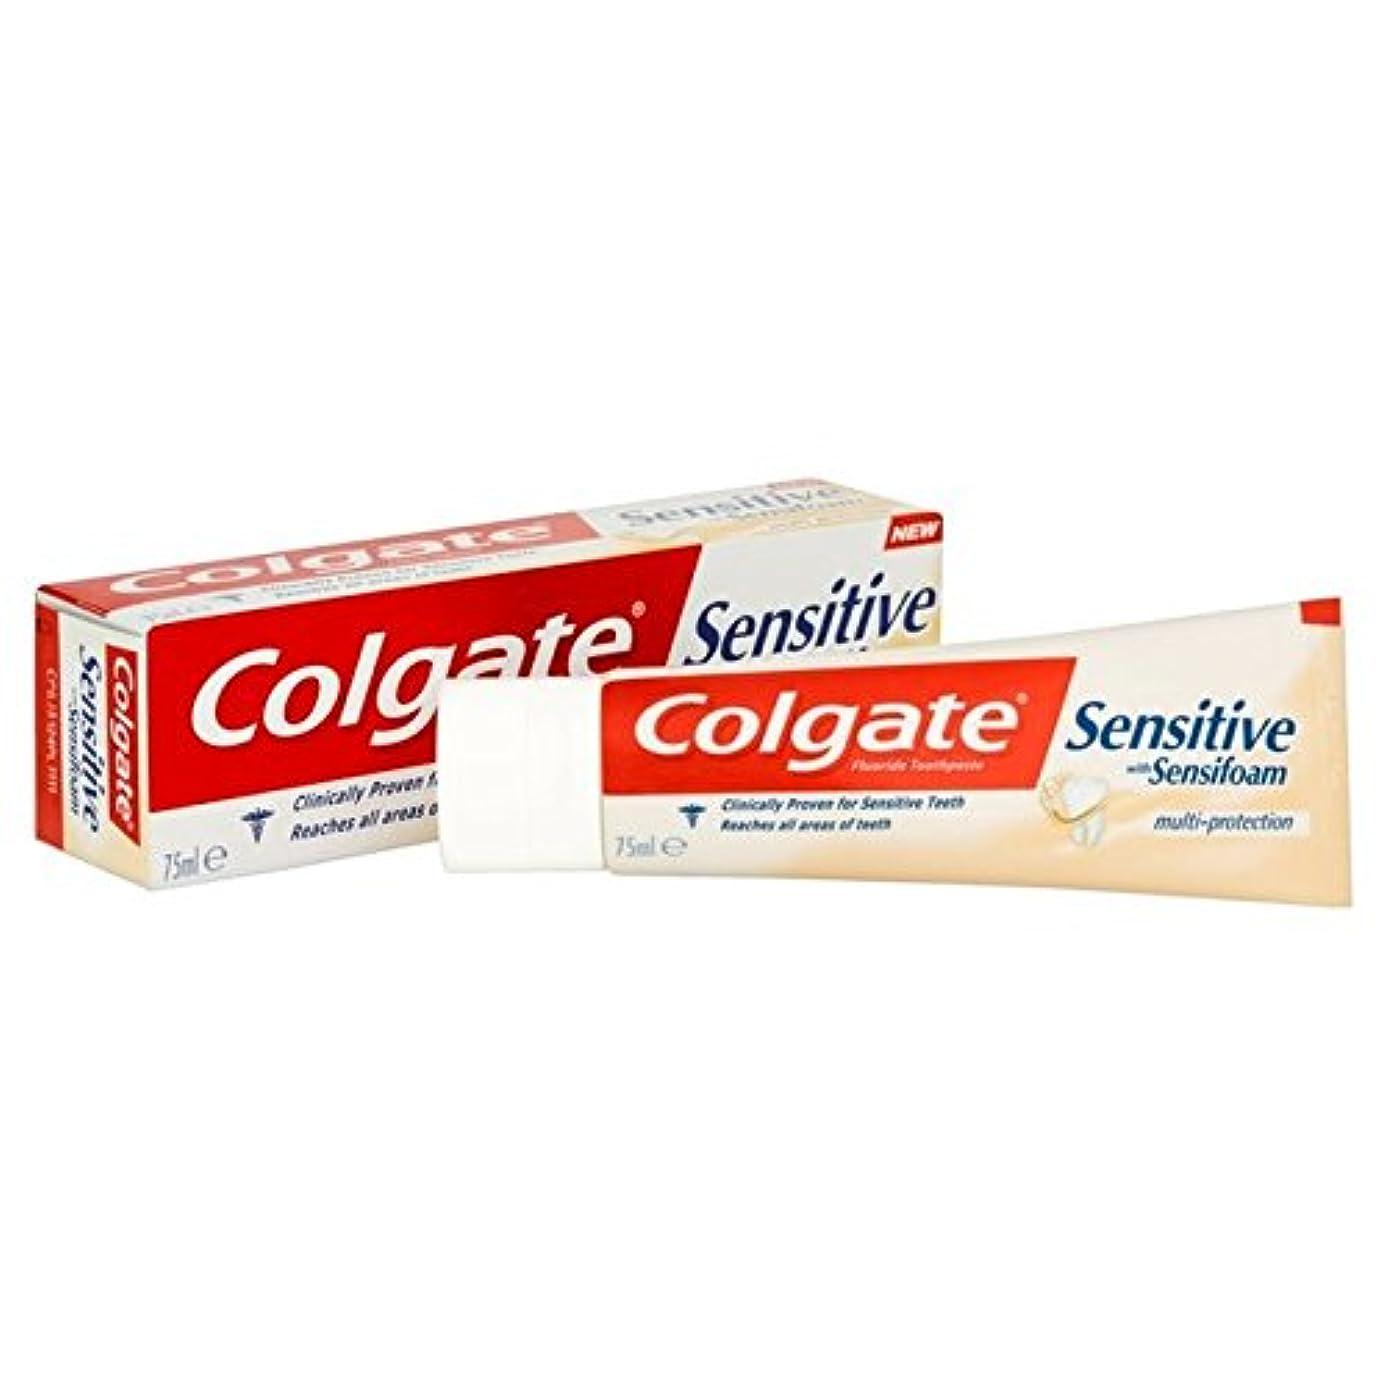 フリッパー夕暮れニュージーランドコルゲート敏感な泡は、マルチ歯磨き粉75ミリリットルを保護します x4 - Colgate Sensitive Foam Multi Protect Toothpaste 75ml (Pack of 4) [並行輸入品]